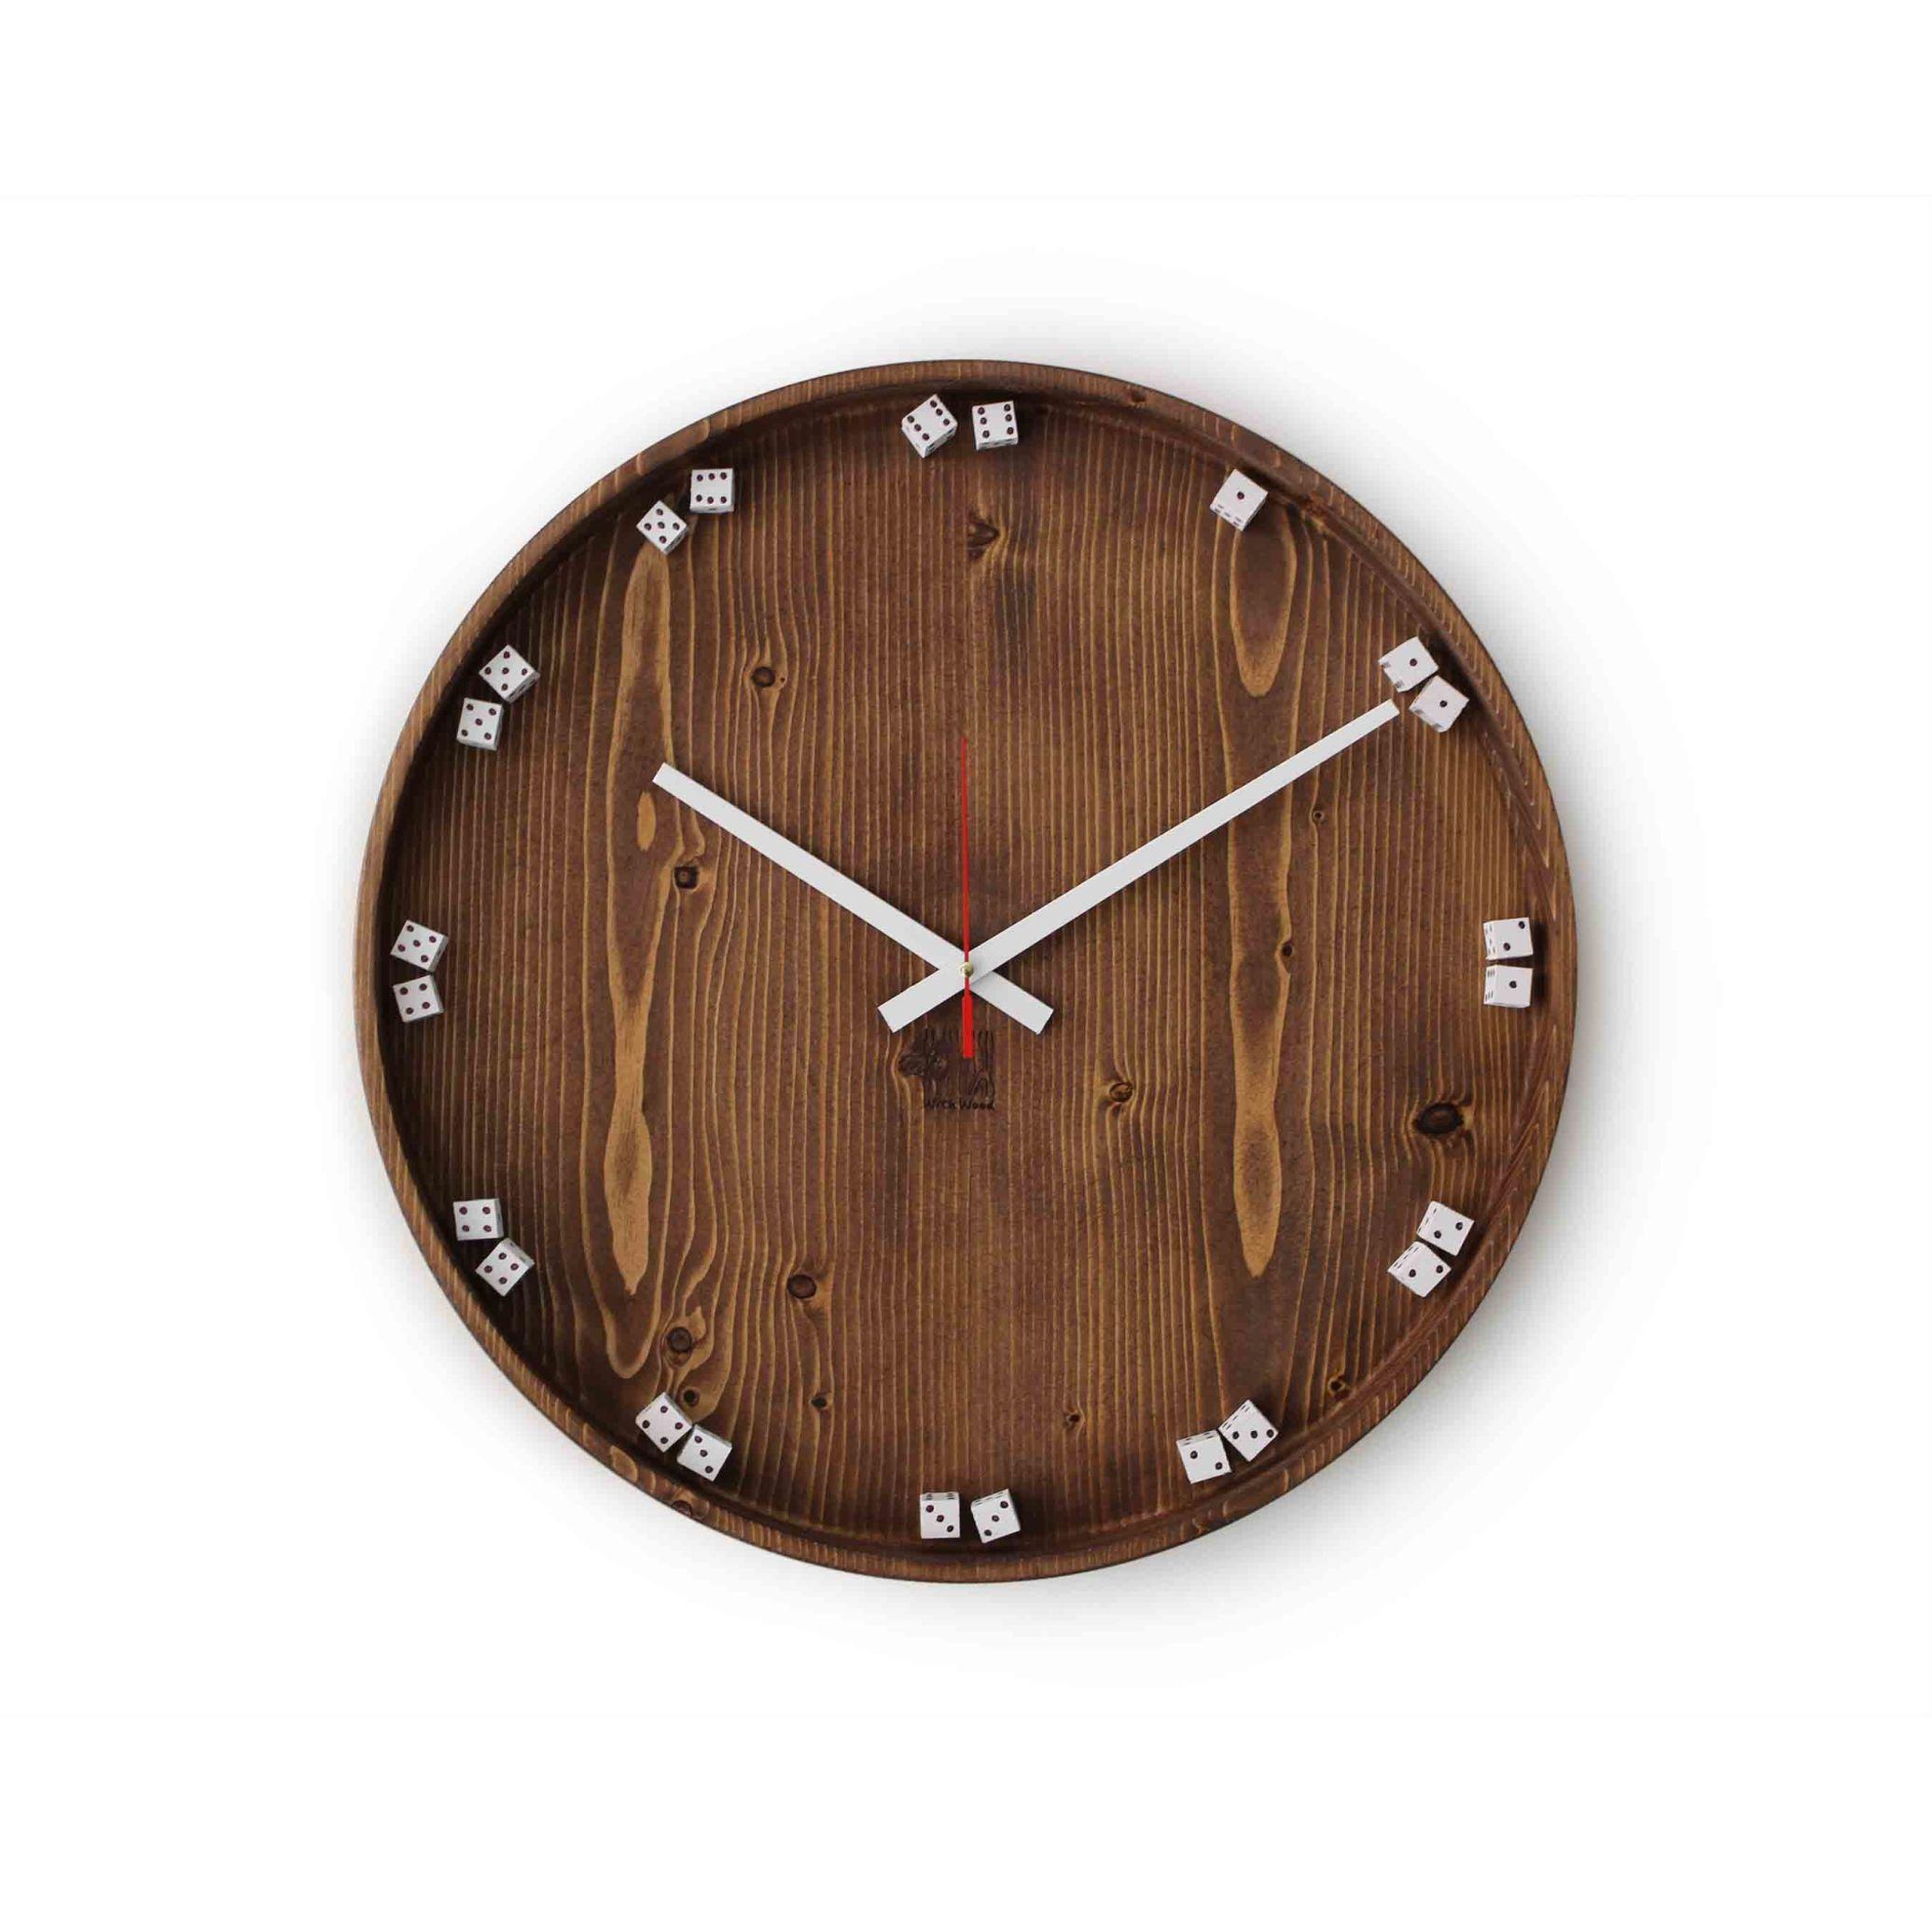 ساعت تمام چوب روس مدل تاس